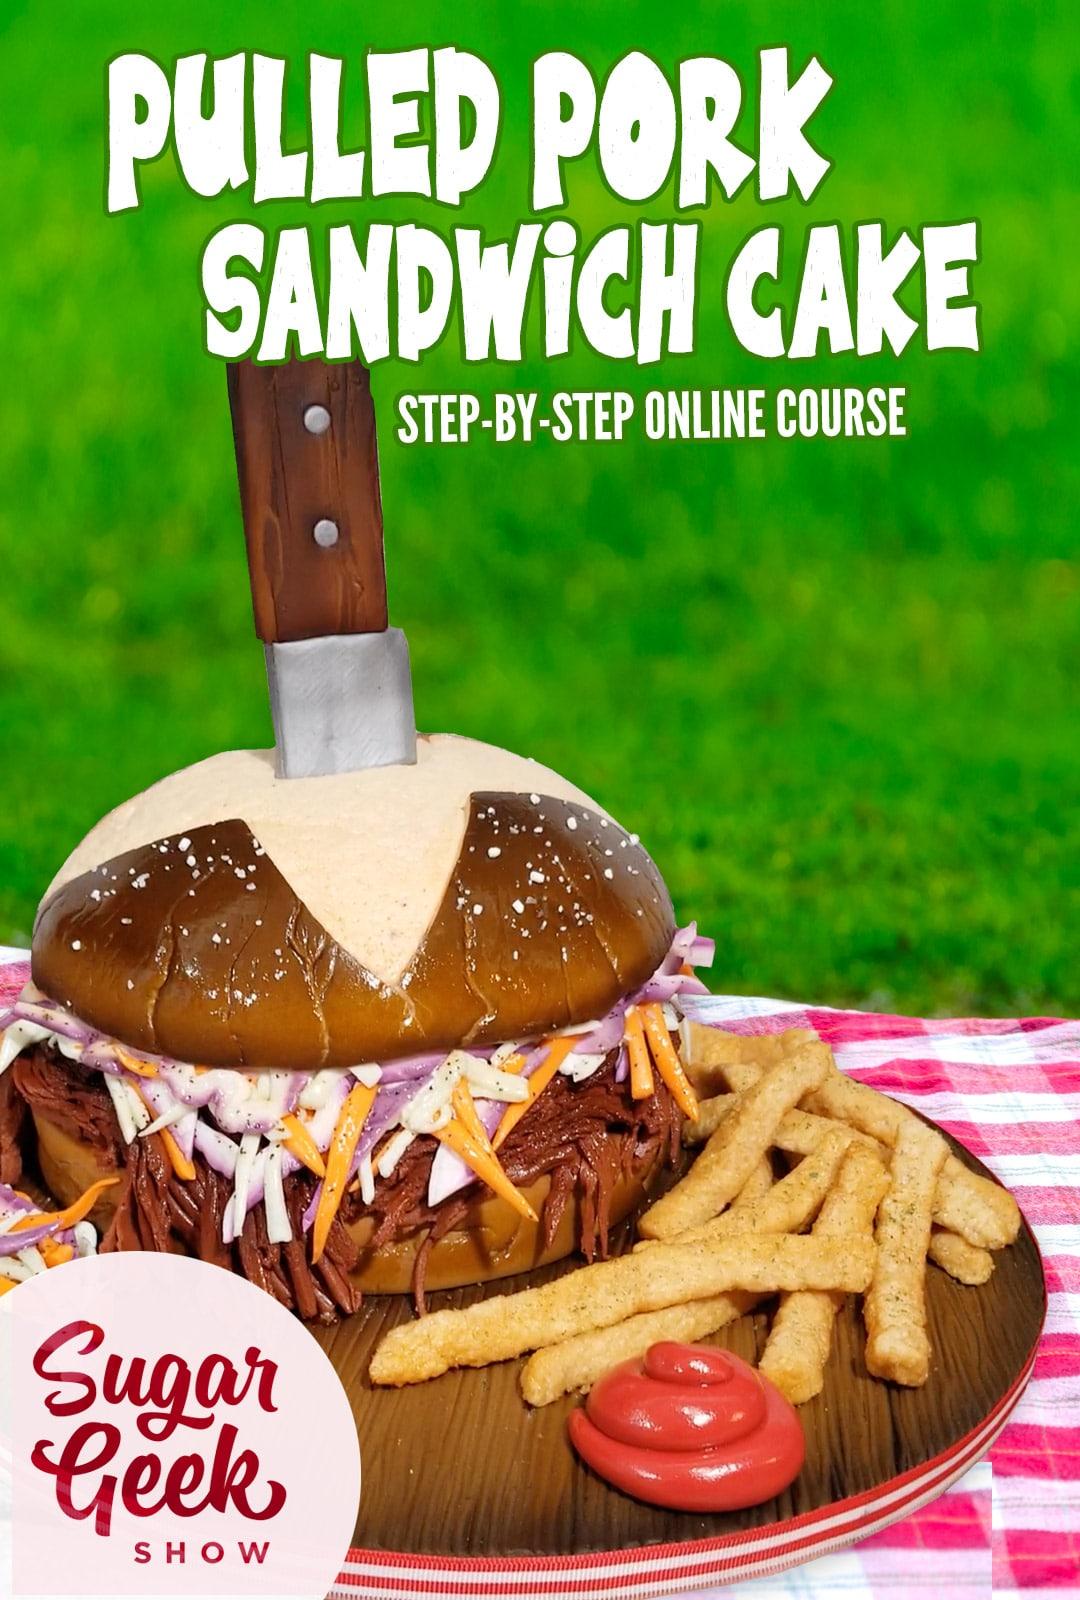 torta scolpita per assomigliare a un panino stirato con patatine fritte, ketchup e un panino pretzel